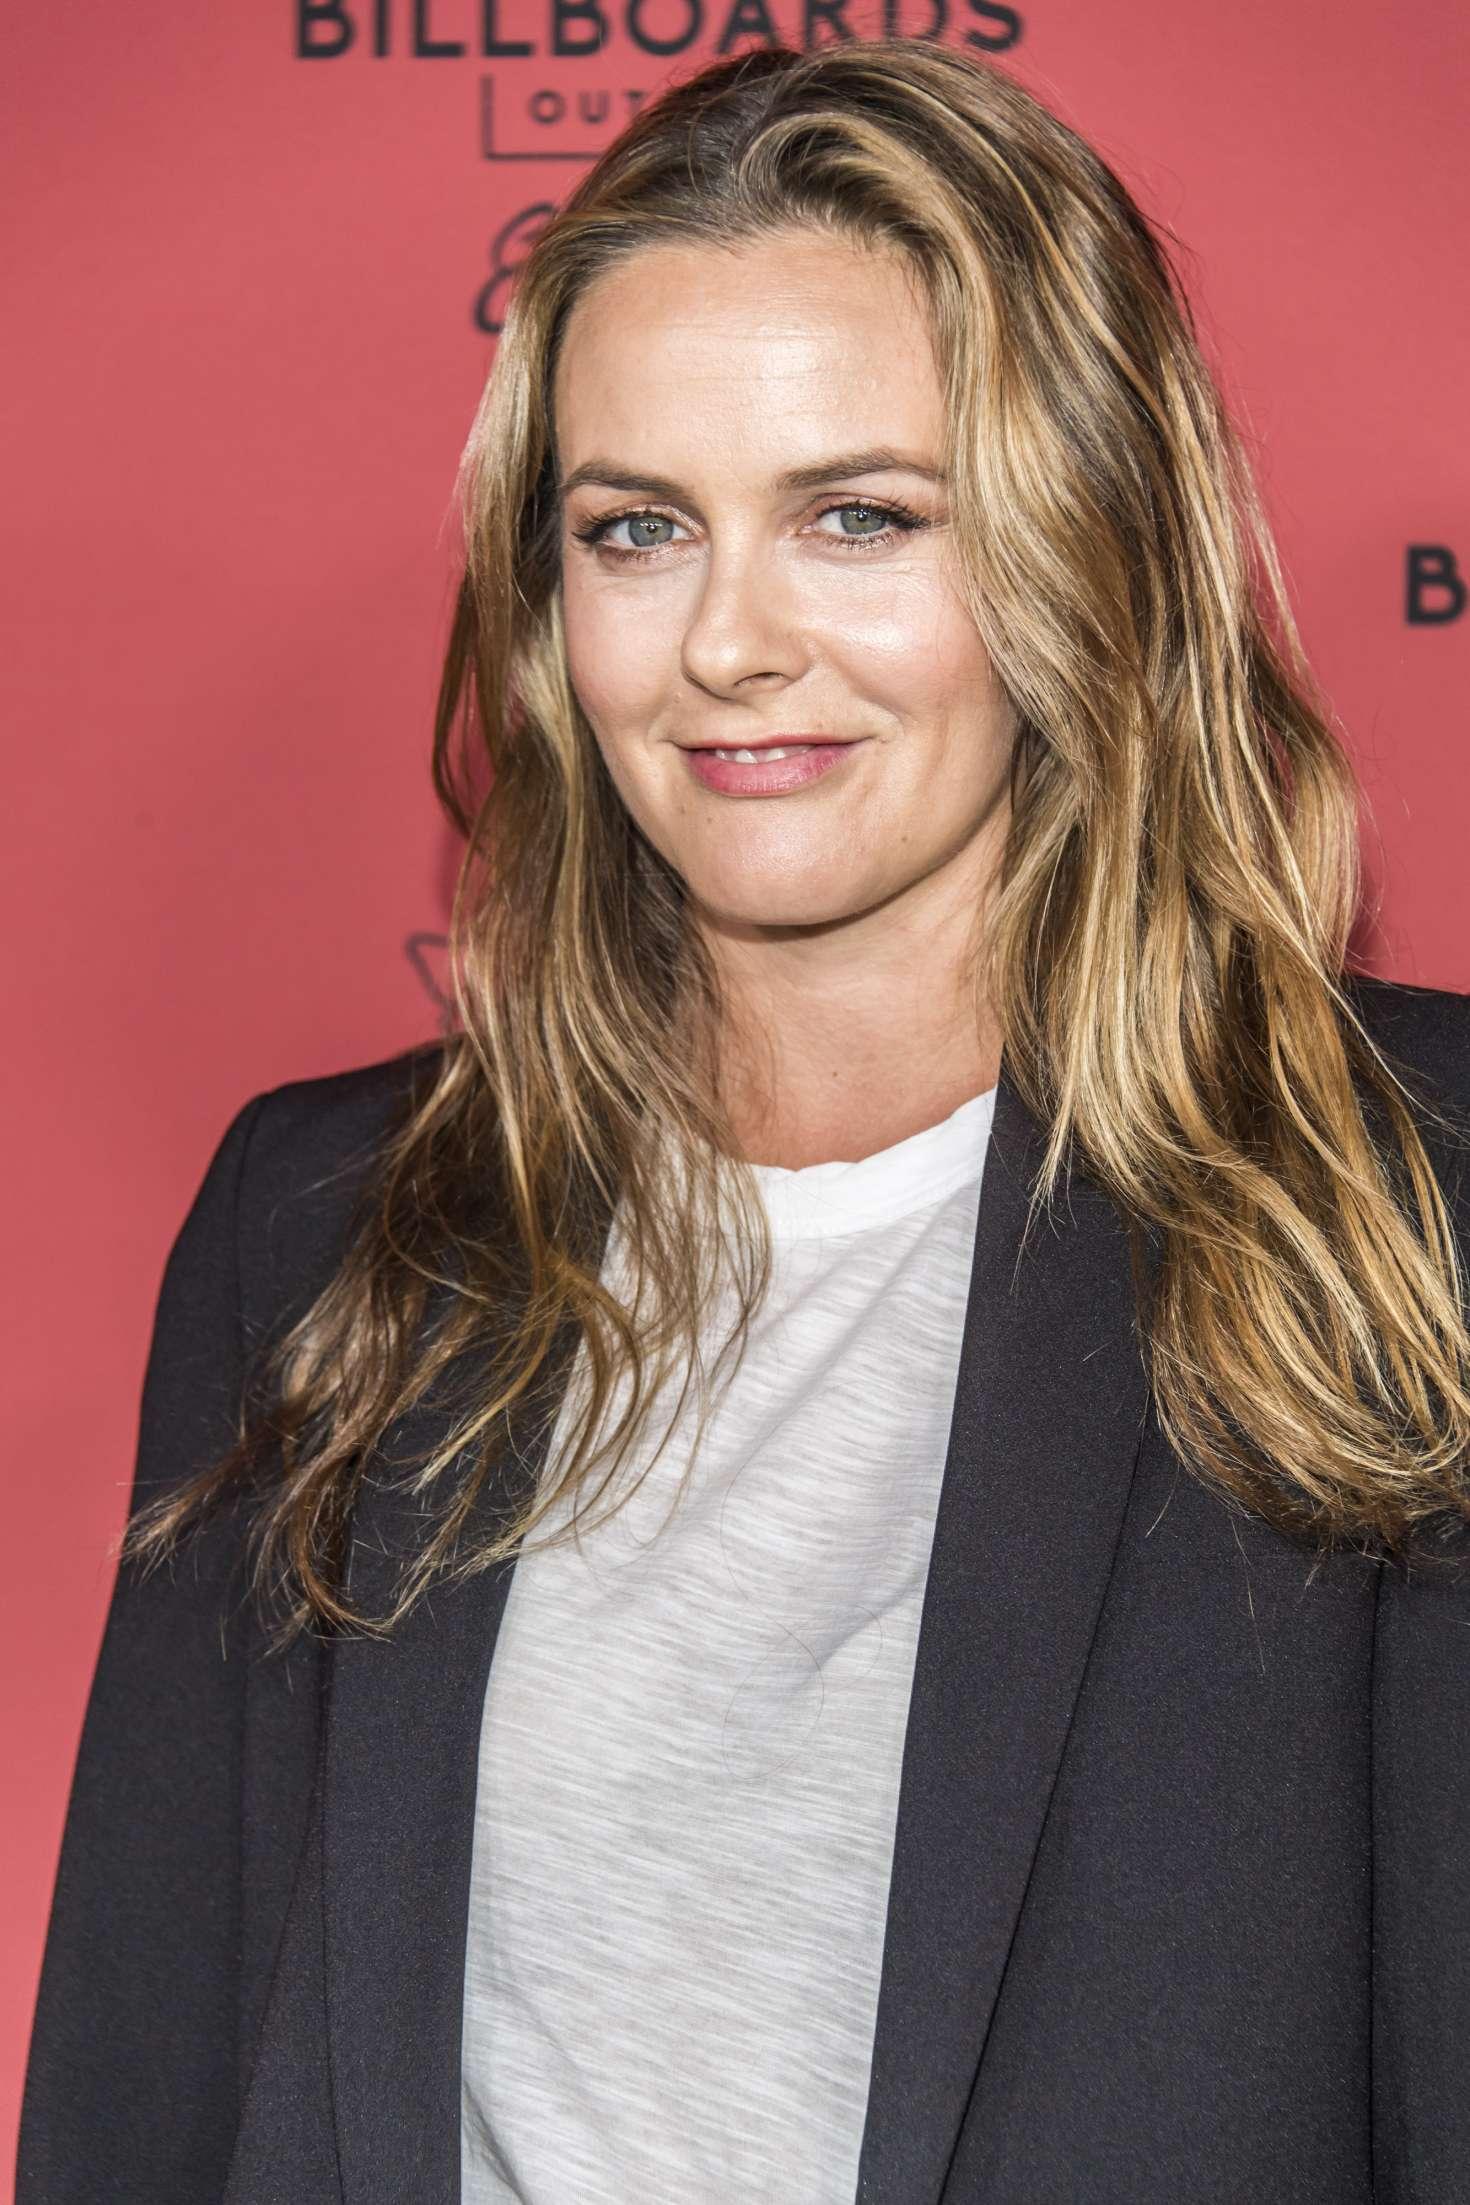 Alicia Silverstone - 'Three Billboards Outside Ebbing, Missouri' Premiere in LA